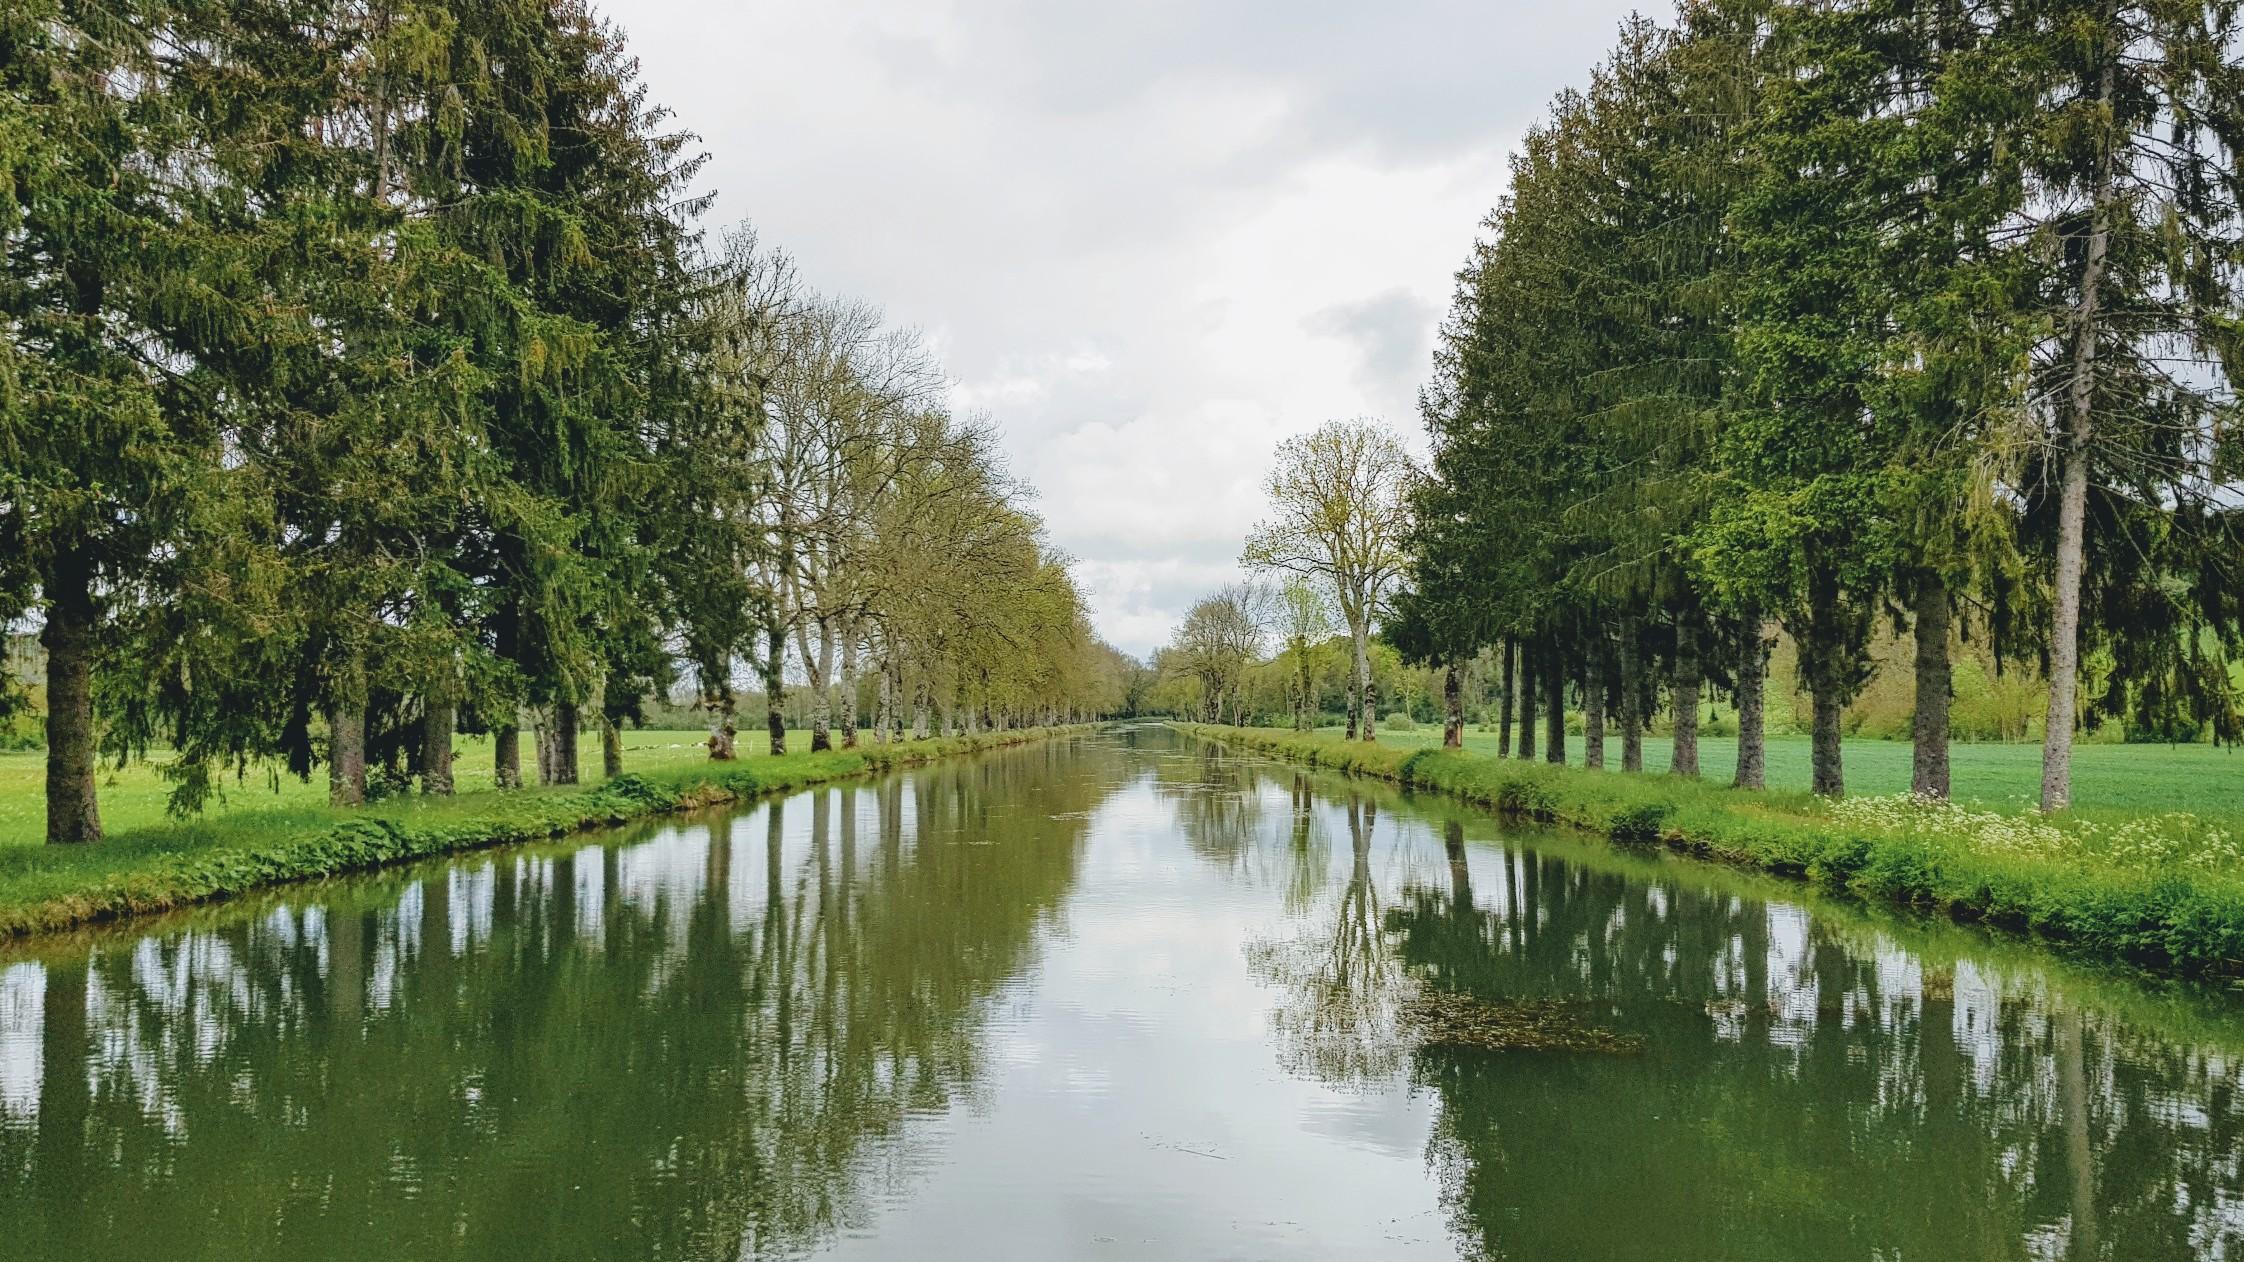 Tannen am Kanal sind selten. In Viéville gibt es ein paar hundert Meter davon.